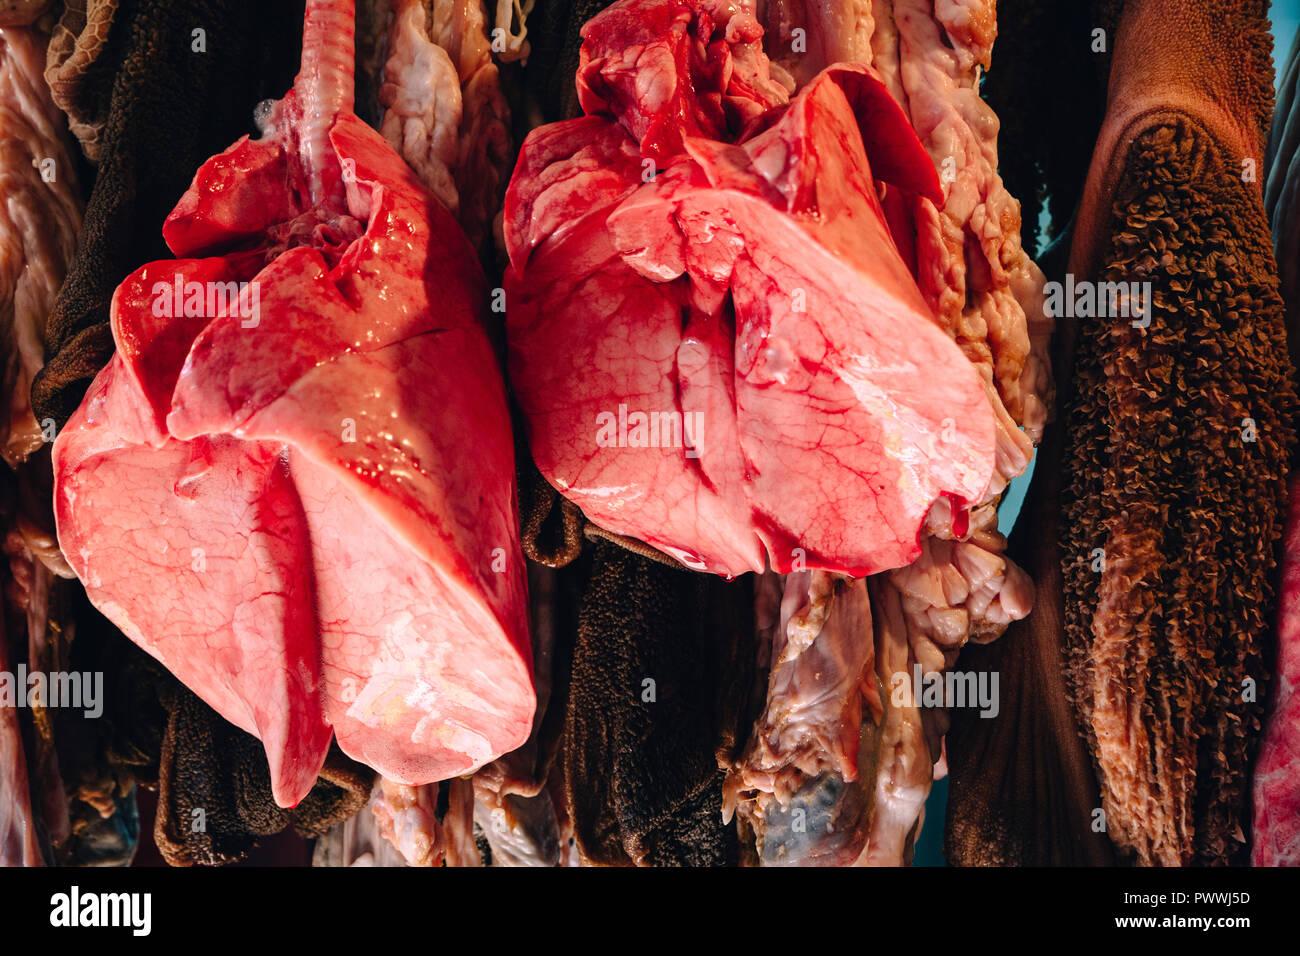 Fleisch und Fisch Markt, Tanger, Marokko, 2018 Stockbild